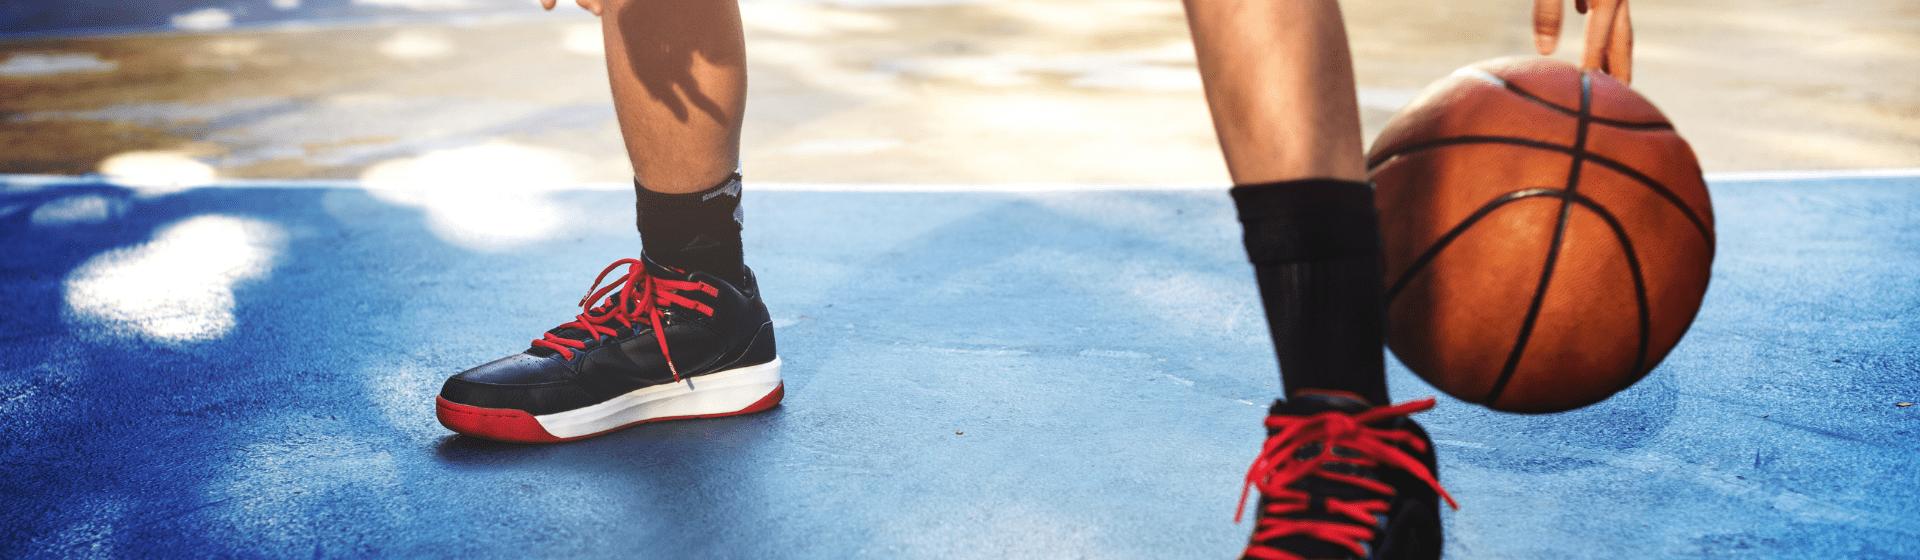 Tênis de basquete: qual é o melhor para jogar?